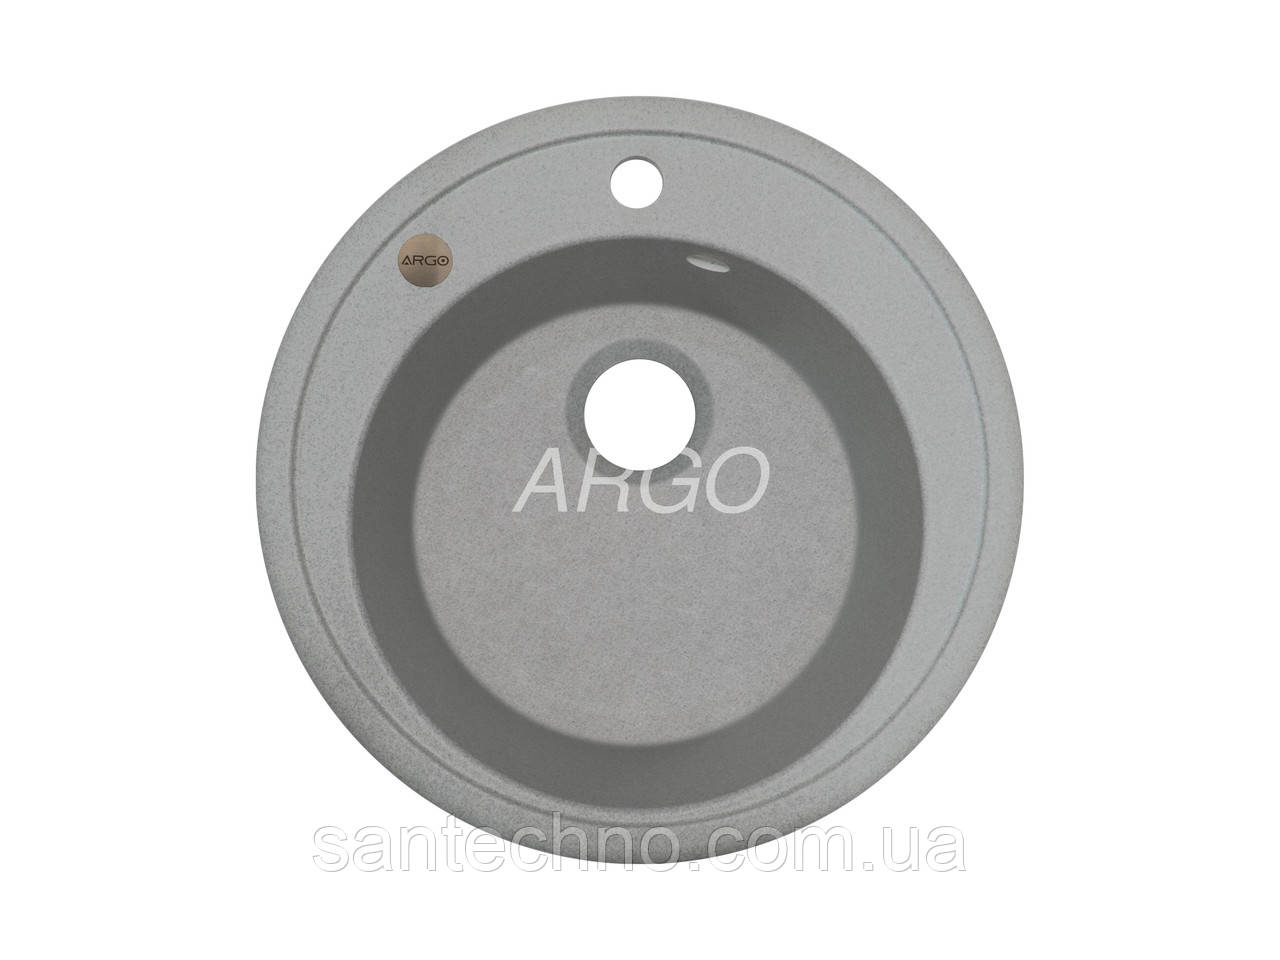 Гранітна мийка для кухні Argo Tondo Grey 510*200